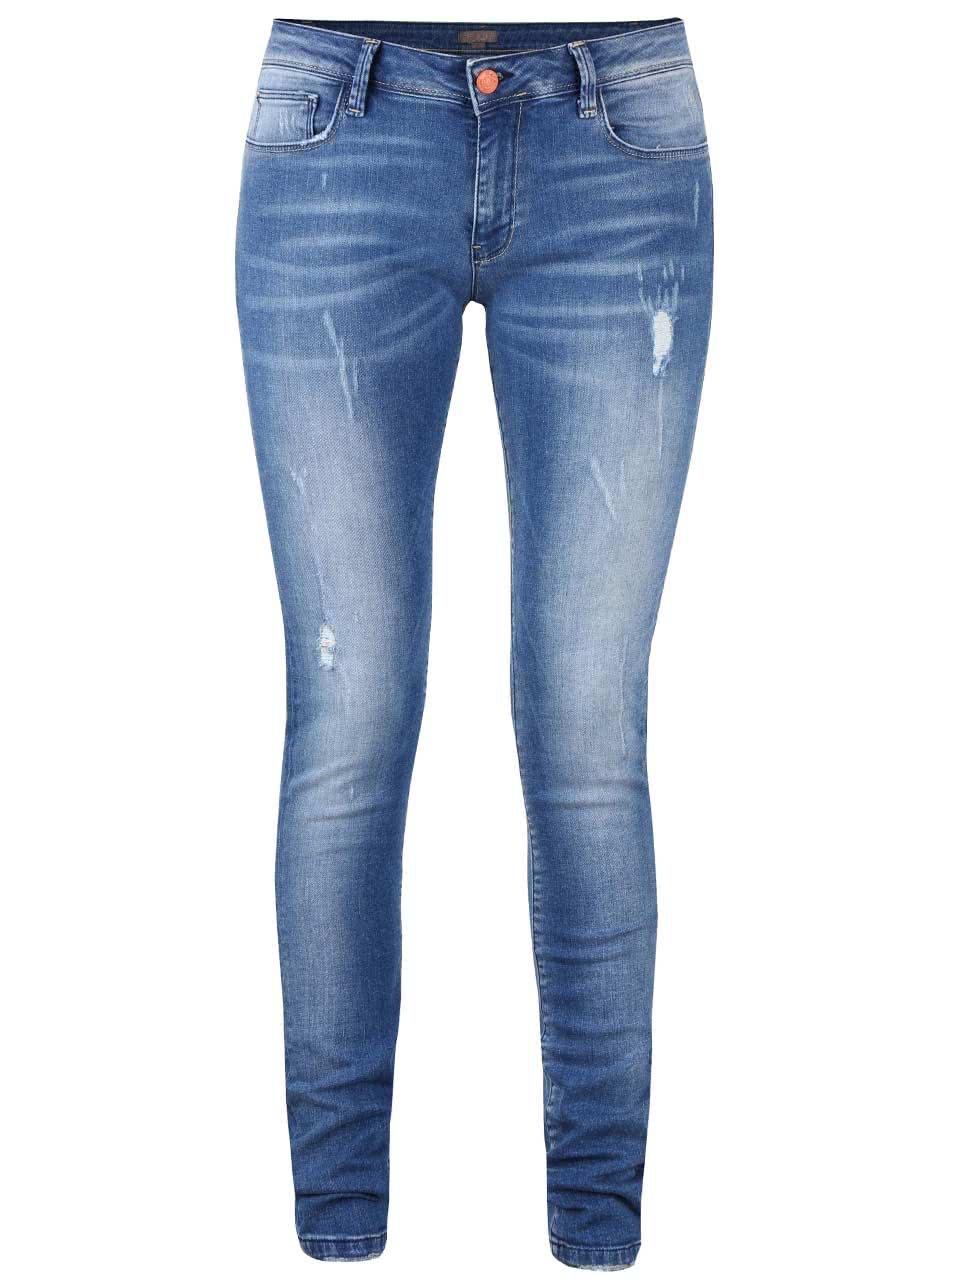 Modré dámské džíny s vyšisovaným efektem Cars Juliette